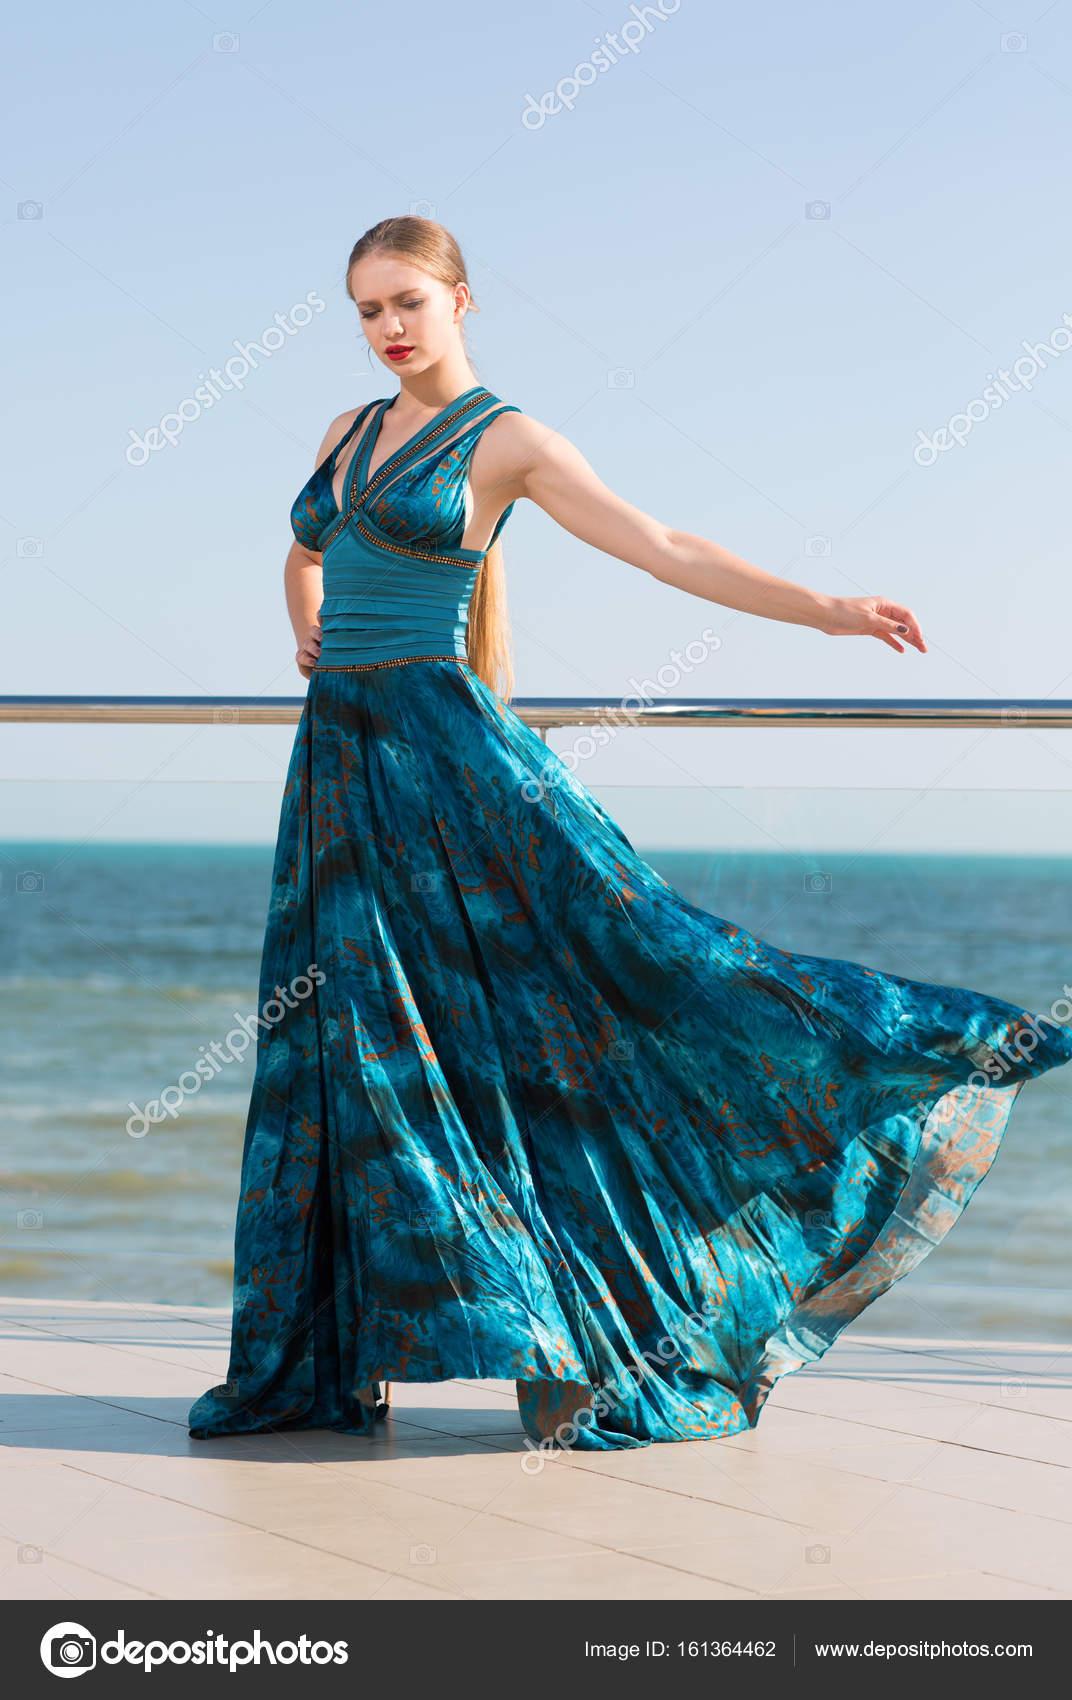 edcd8b2a8231 Una signora elegante con coda di cavallo bionda e in un abito verde  smeraldo lungo ondeggiante